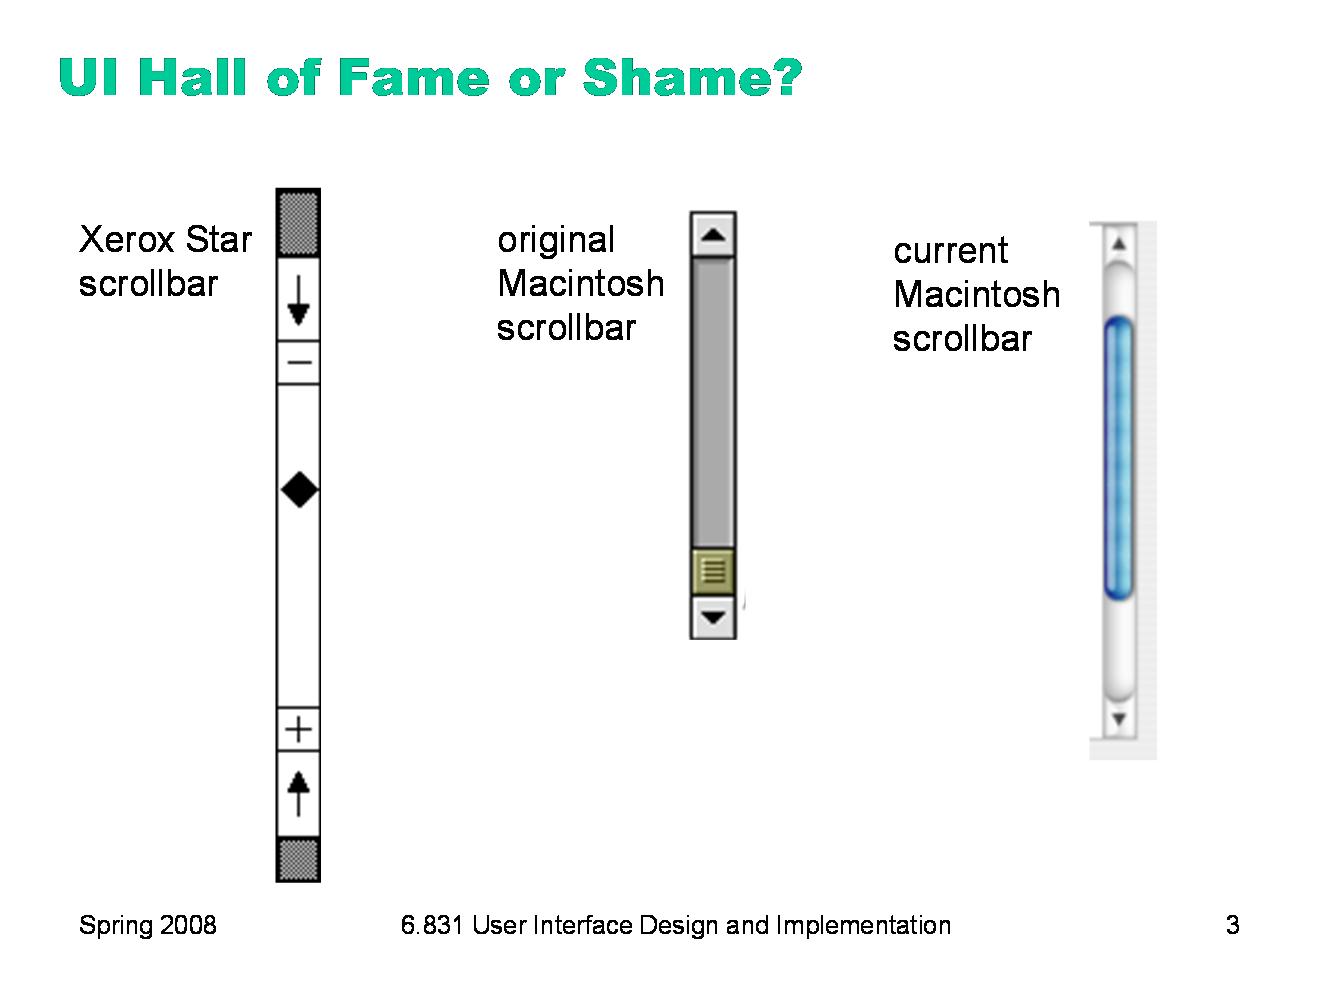 متصفح يوجد scroll بقياس ثابت,بوابة 2013 image003.png